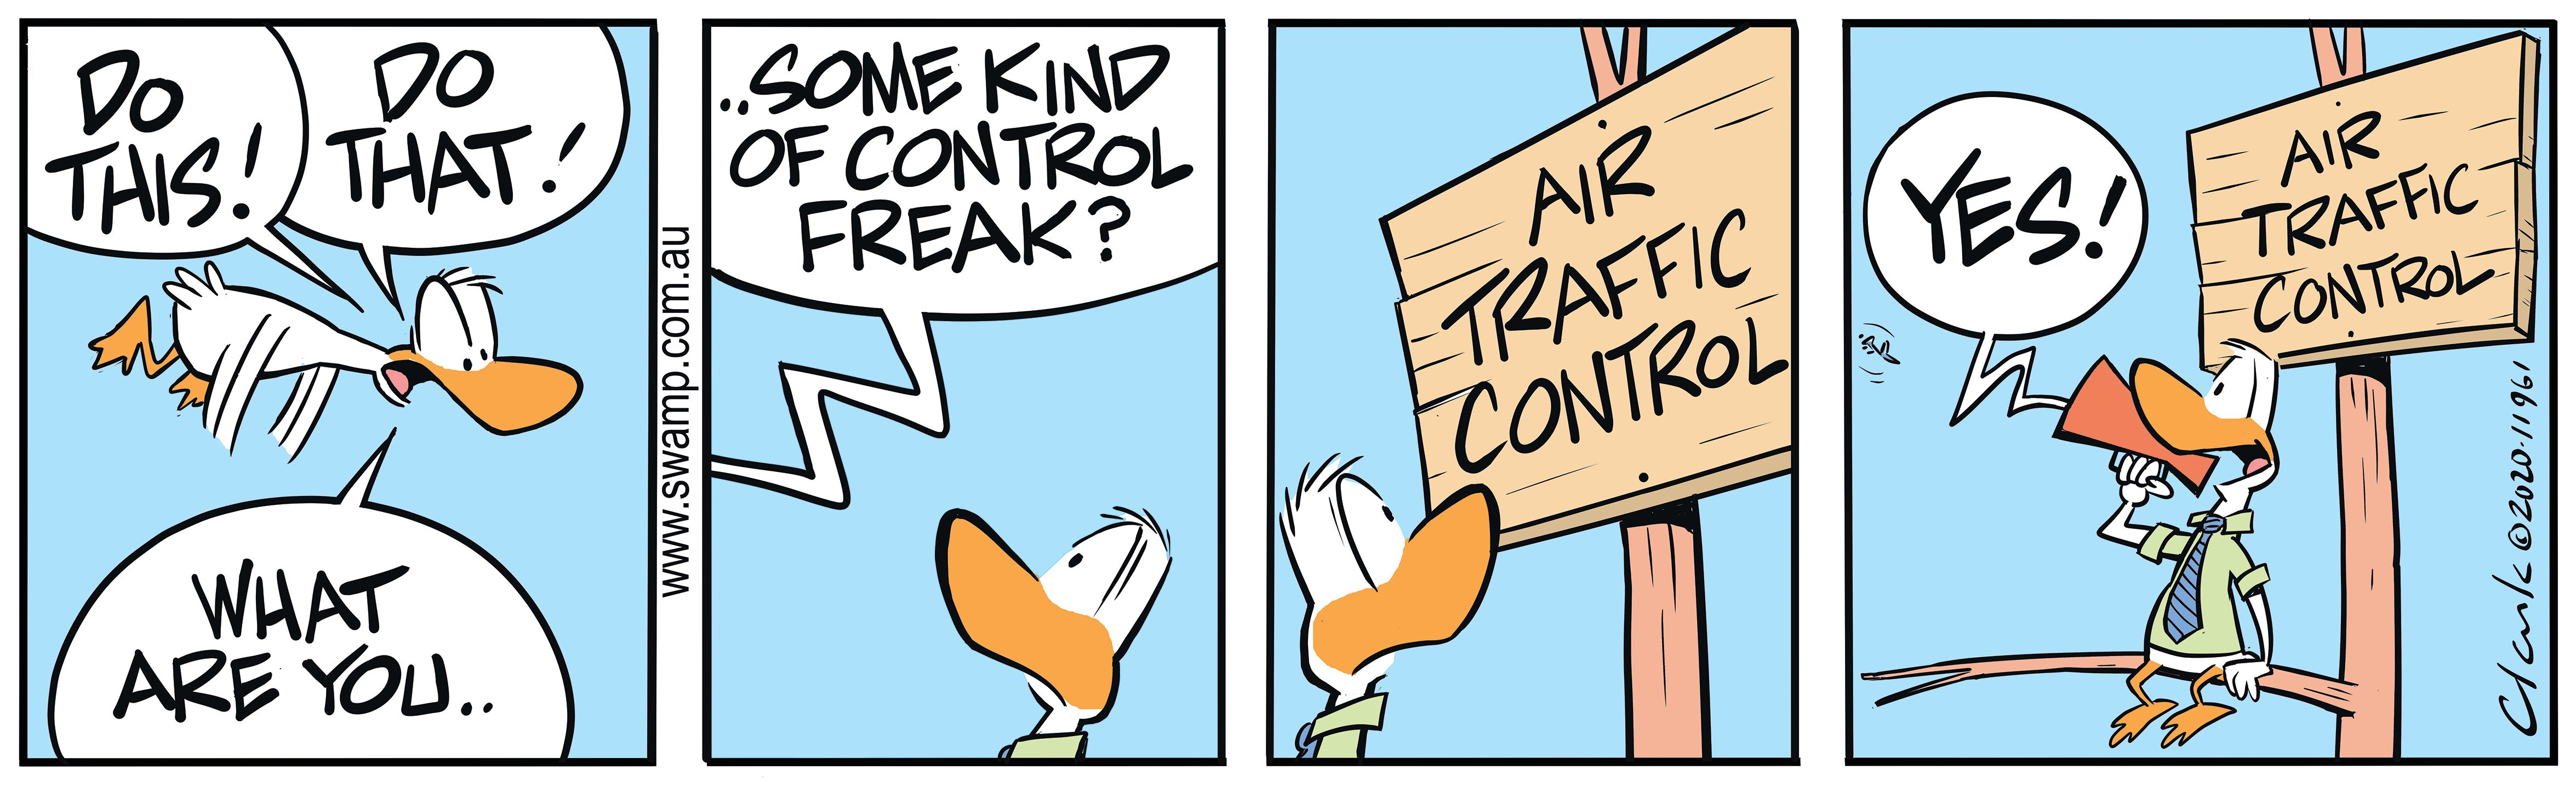 Air Traffic Control Freak